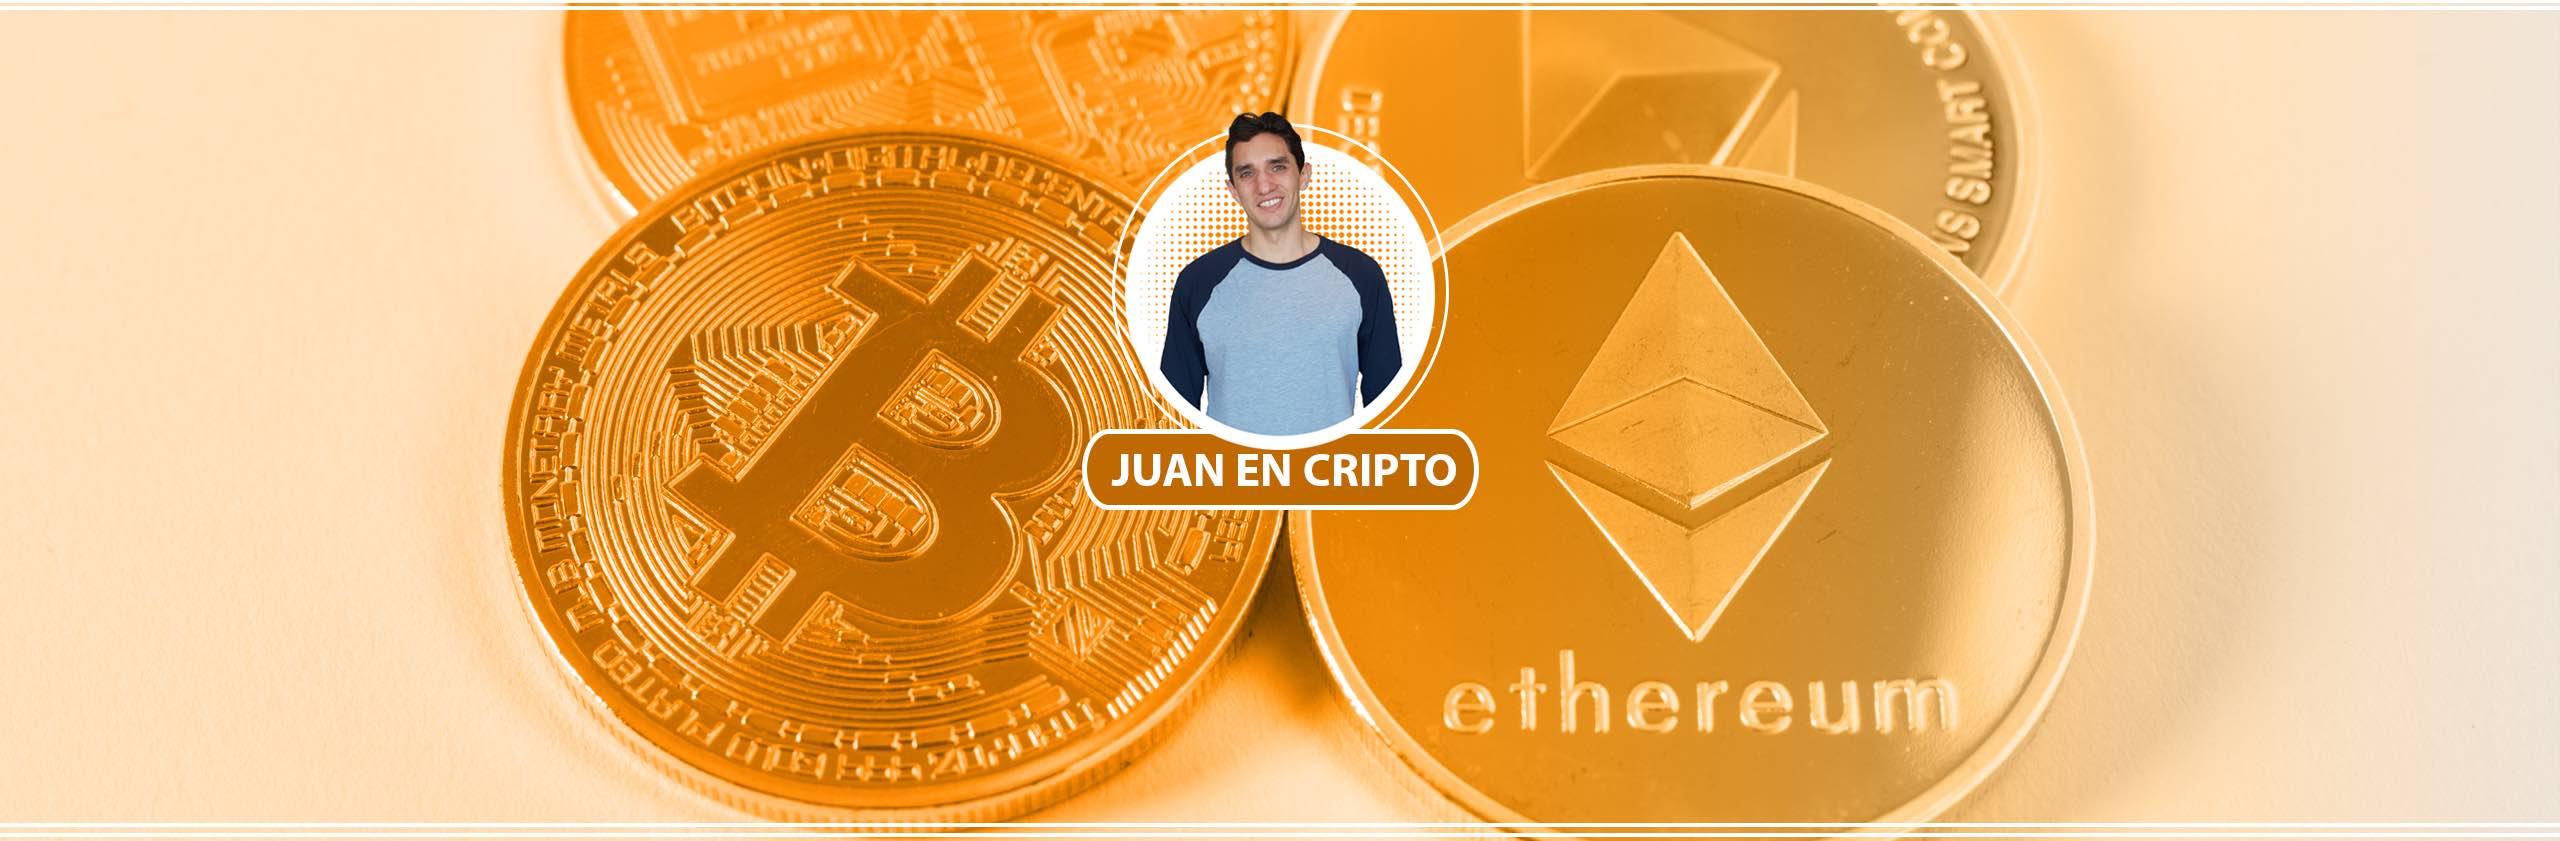 Juan en Cripto Banner Naranja - Bitcoin, Blockchain y Criptomonedas